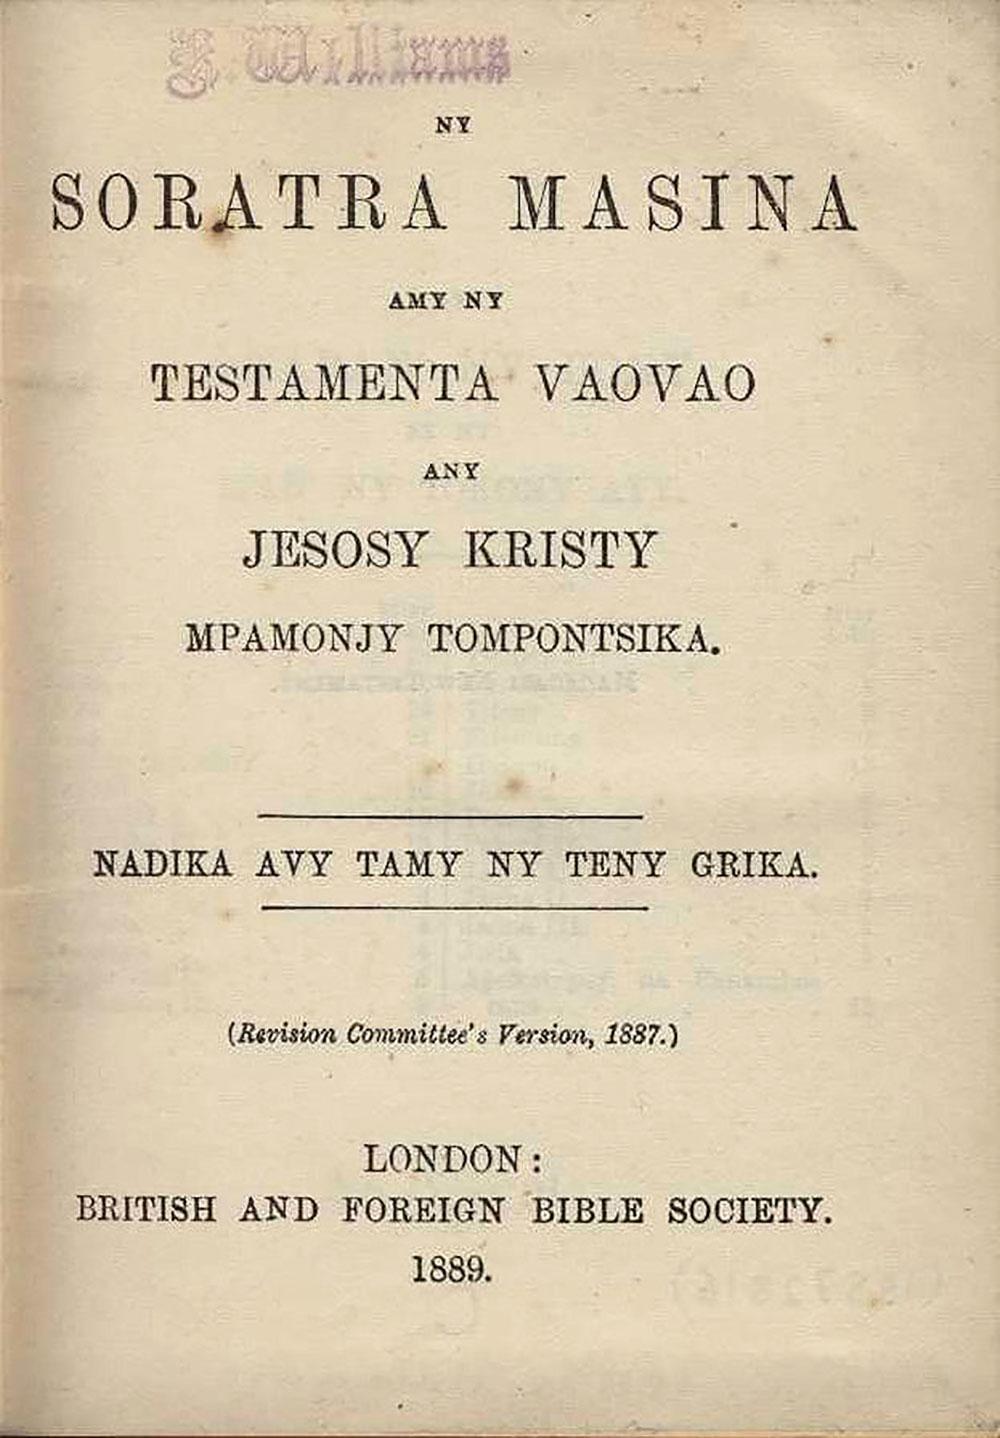 [New Testament in Malagasy]. <em>Ny Soratra Masina amy ny Testamenta Vaovao any Jesosy Kristy Mpamonjy Tompontsika …</em> London: British and Foreign Bible Society, 1889.